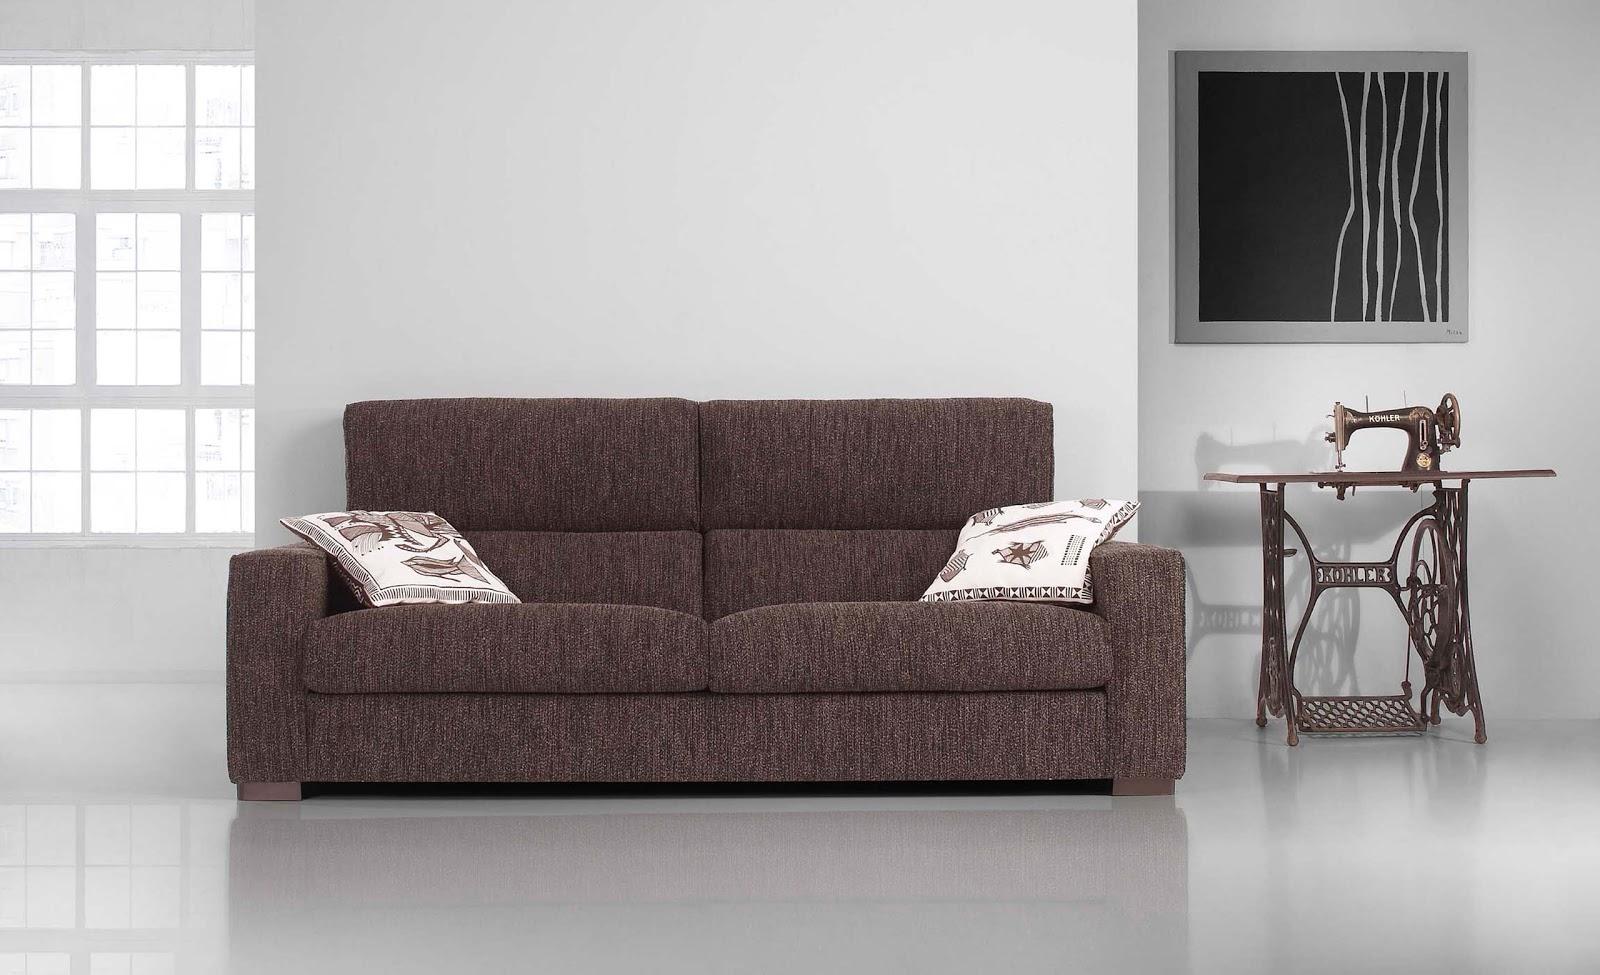 Sofas i mobiliari a mida a barcelona decolevel com sofas for Sofas llit barcelona